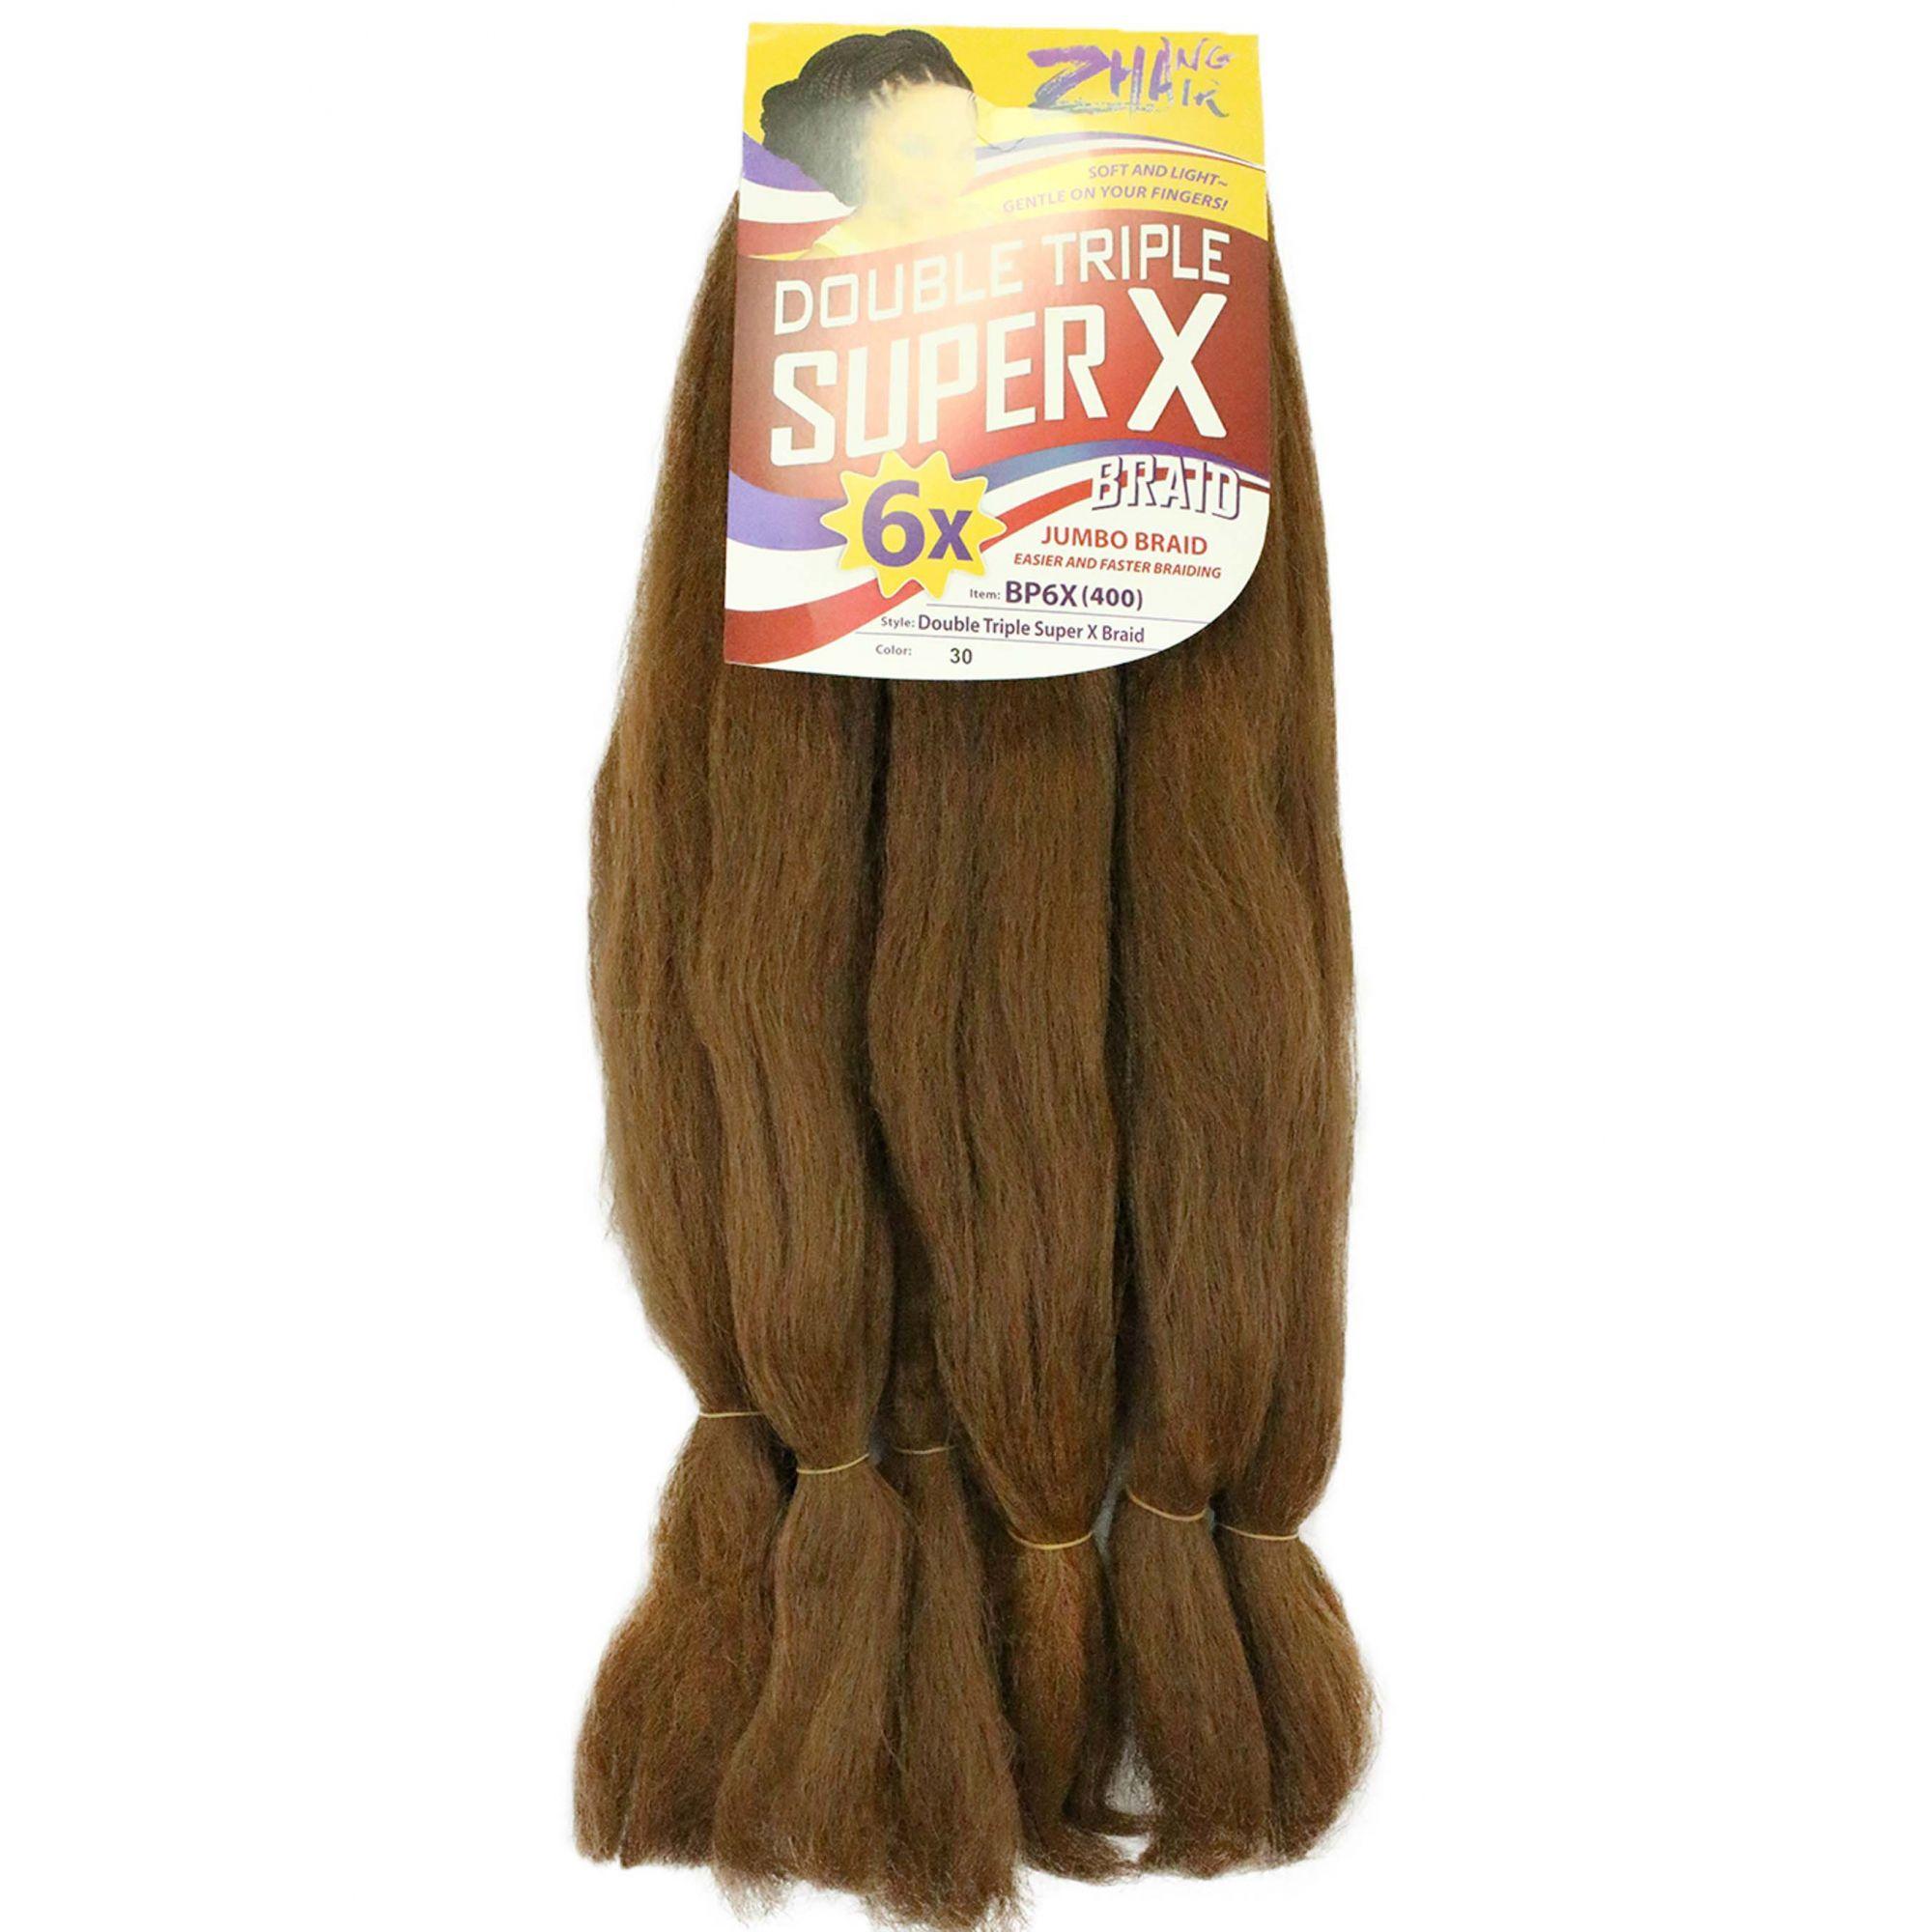 Cabelo Sintético - Zhang hair jumbo - Super X (400g) - Cor: Mel Escuro (30)